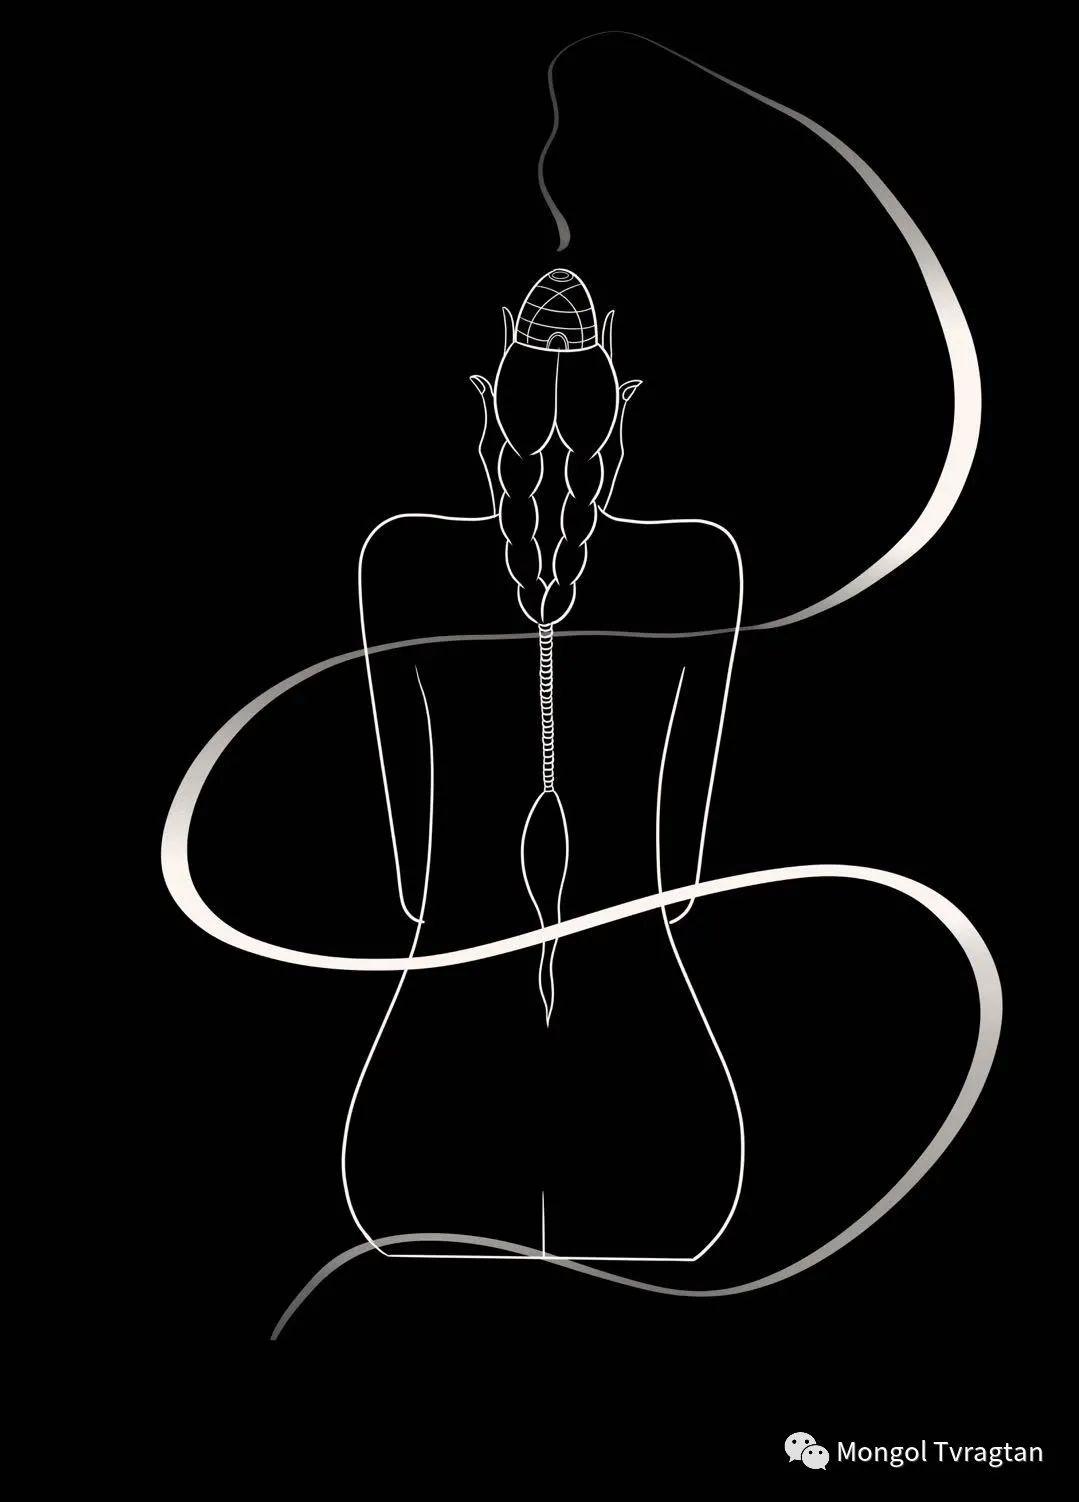 蒙元素插画师  产品设计师--格根塔娜 第10张 蒙元素插画师  产品设计师--格根塔娜 蒙古画廊